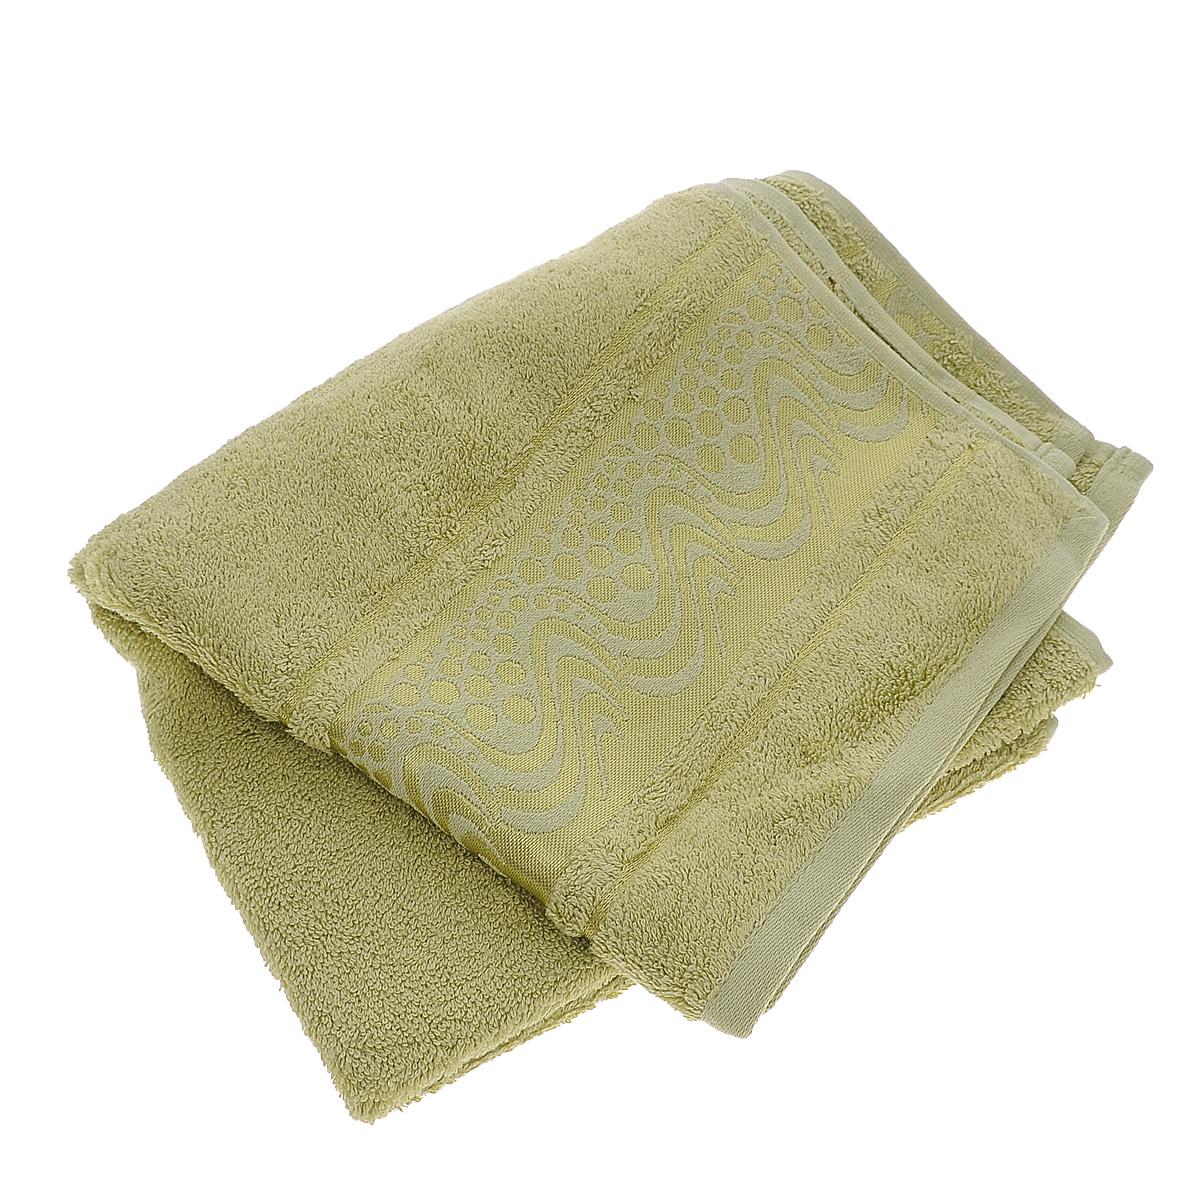 Полотенце Mariposa Aqua, цвет: светло-зеленый, 50 х 90 см62413Полотенце Mariposa Aqua, изготовленное из 60% бамбука и 40% хлопка, подарит массу положительных эмоций и приятных ощущений. Полотенца из бамбука только издали похожи на обычные. На самом деле, при первом же прикосновении вы ощутите невероятную мягкость и шелковистость. Таким полотенцем не нужно вытираться - только коснитесь кожи - и ткань сама все впитает! Несмотря на богатую плотность и высокую петлю полотенца, оно быстро сохнет, остается легким даже при намокании. Благородный тон создает уют и подчеркивает лучшие качества махровой ткани. Полотенце Mariposa Aqua станет достойным выбором для вас и приятным подарком для ваших близких.